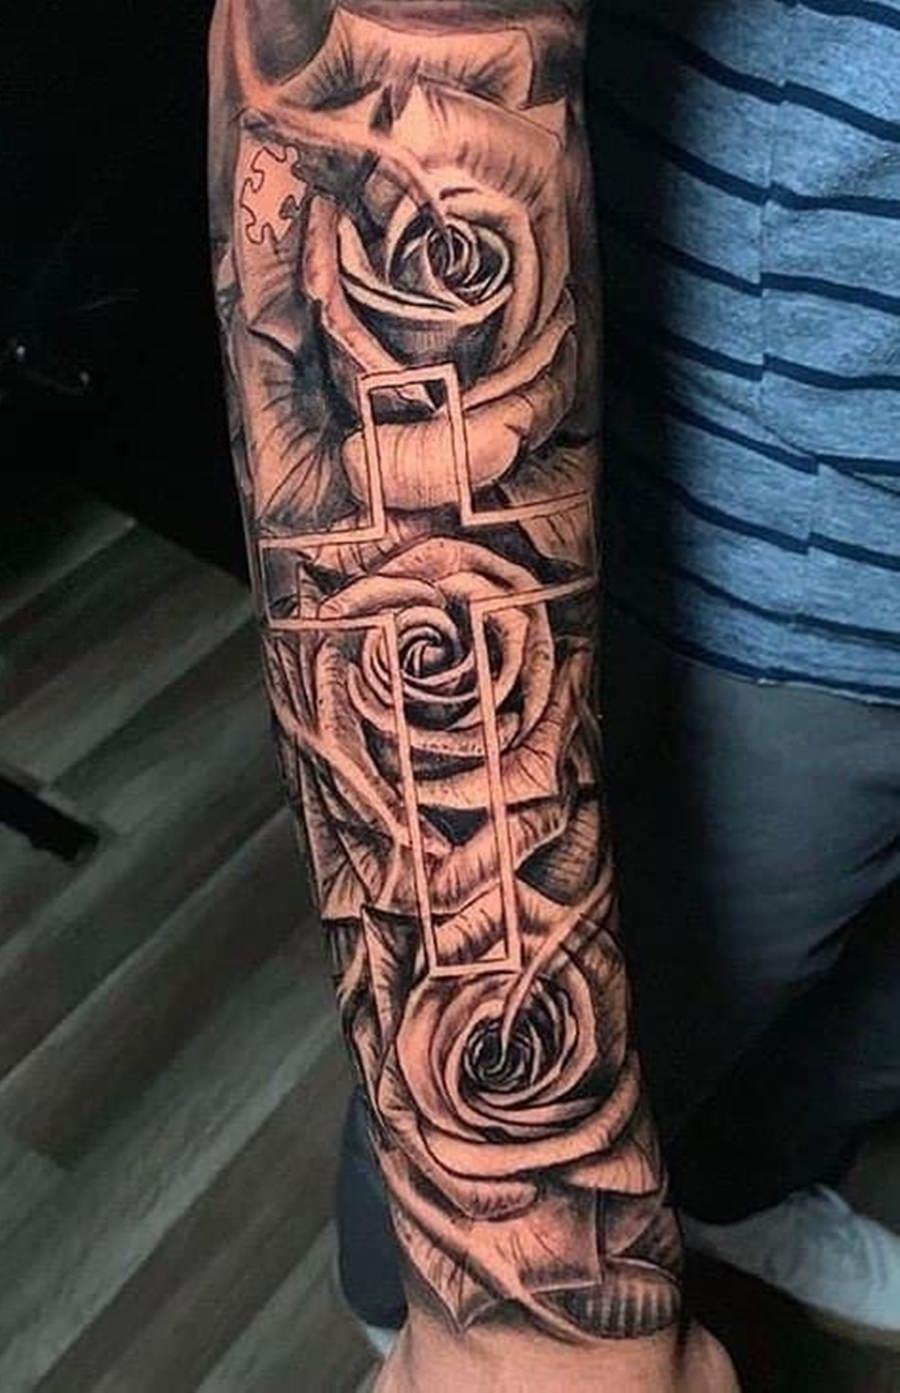 Tatoo de cruz feita no braço